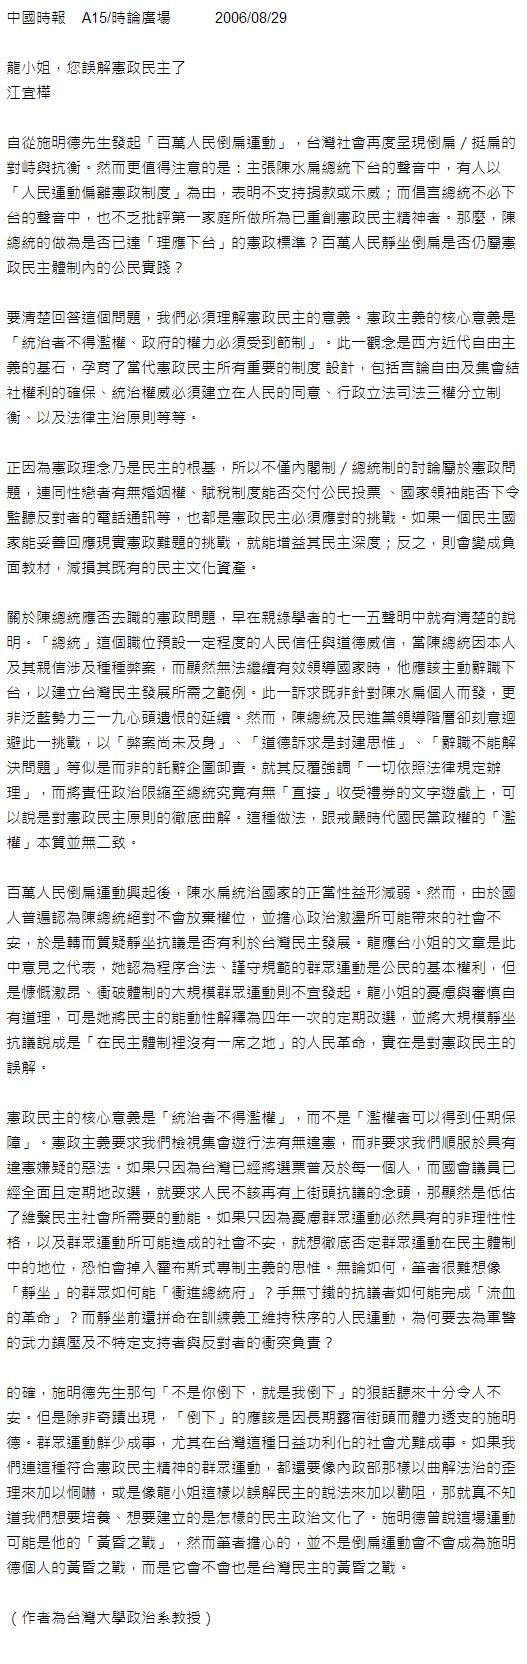 【龍小姐,您誤解憲政民主了】A15/時論廣場